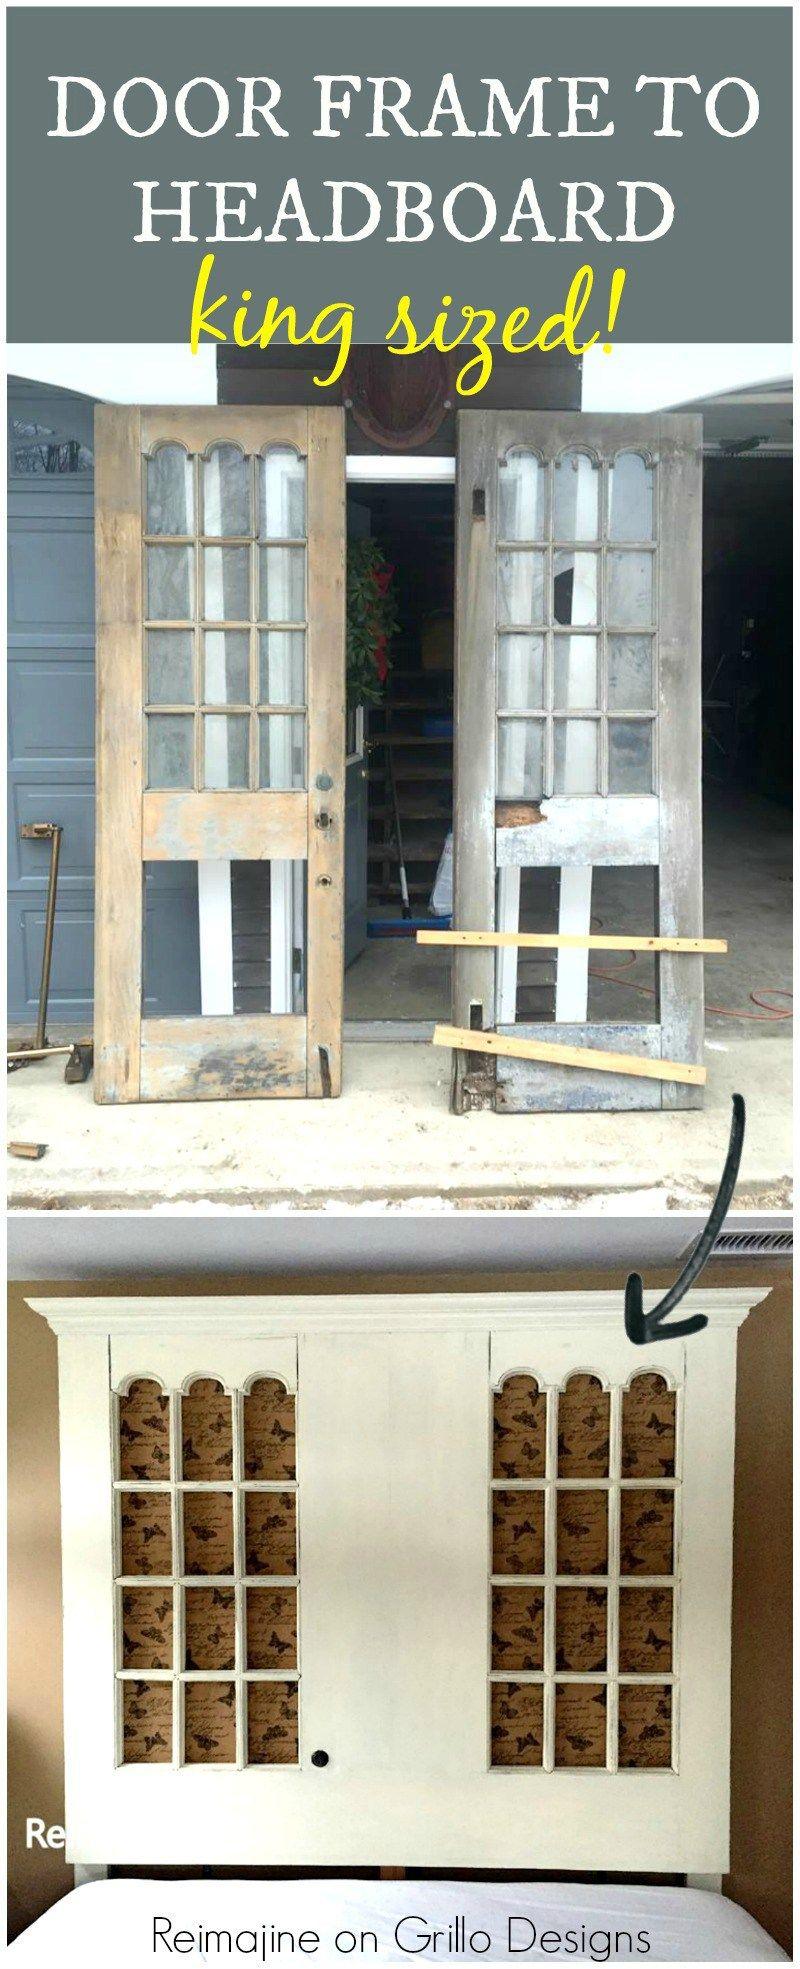 Ideen Kopfteil · Selbstgemachte Kopfteile · Kingsize Kopfteil · Diy Tür ·  Holz · Door Frame To Head Board Pinterest